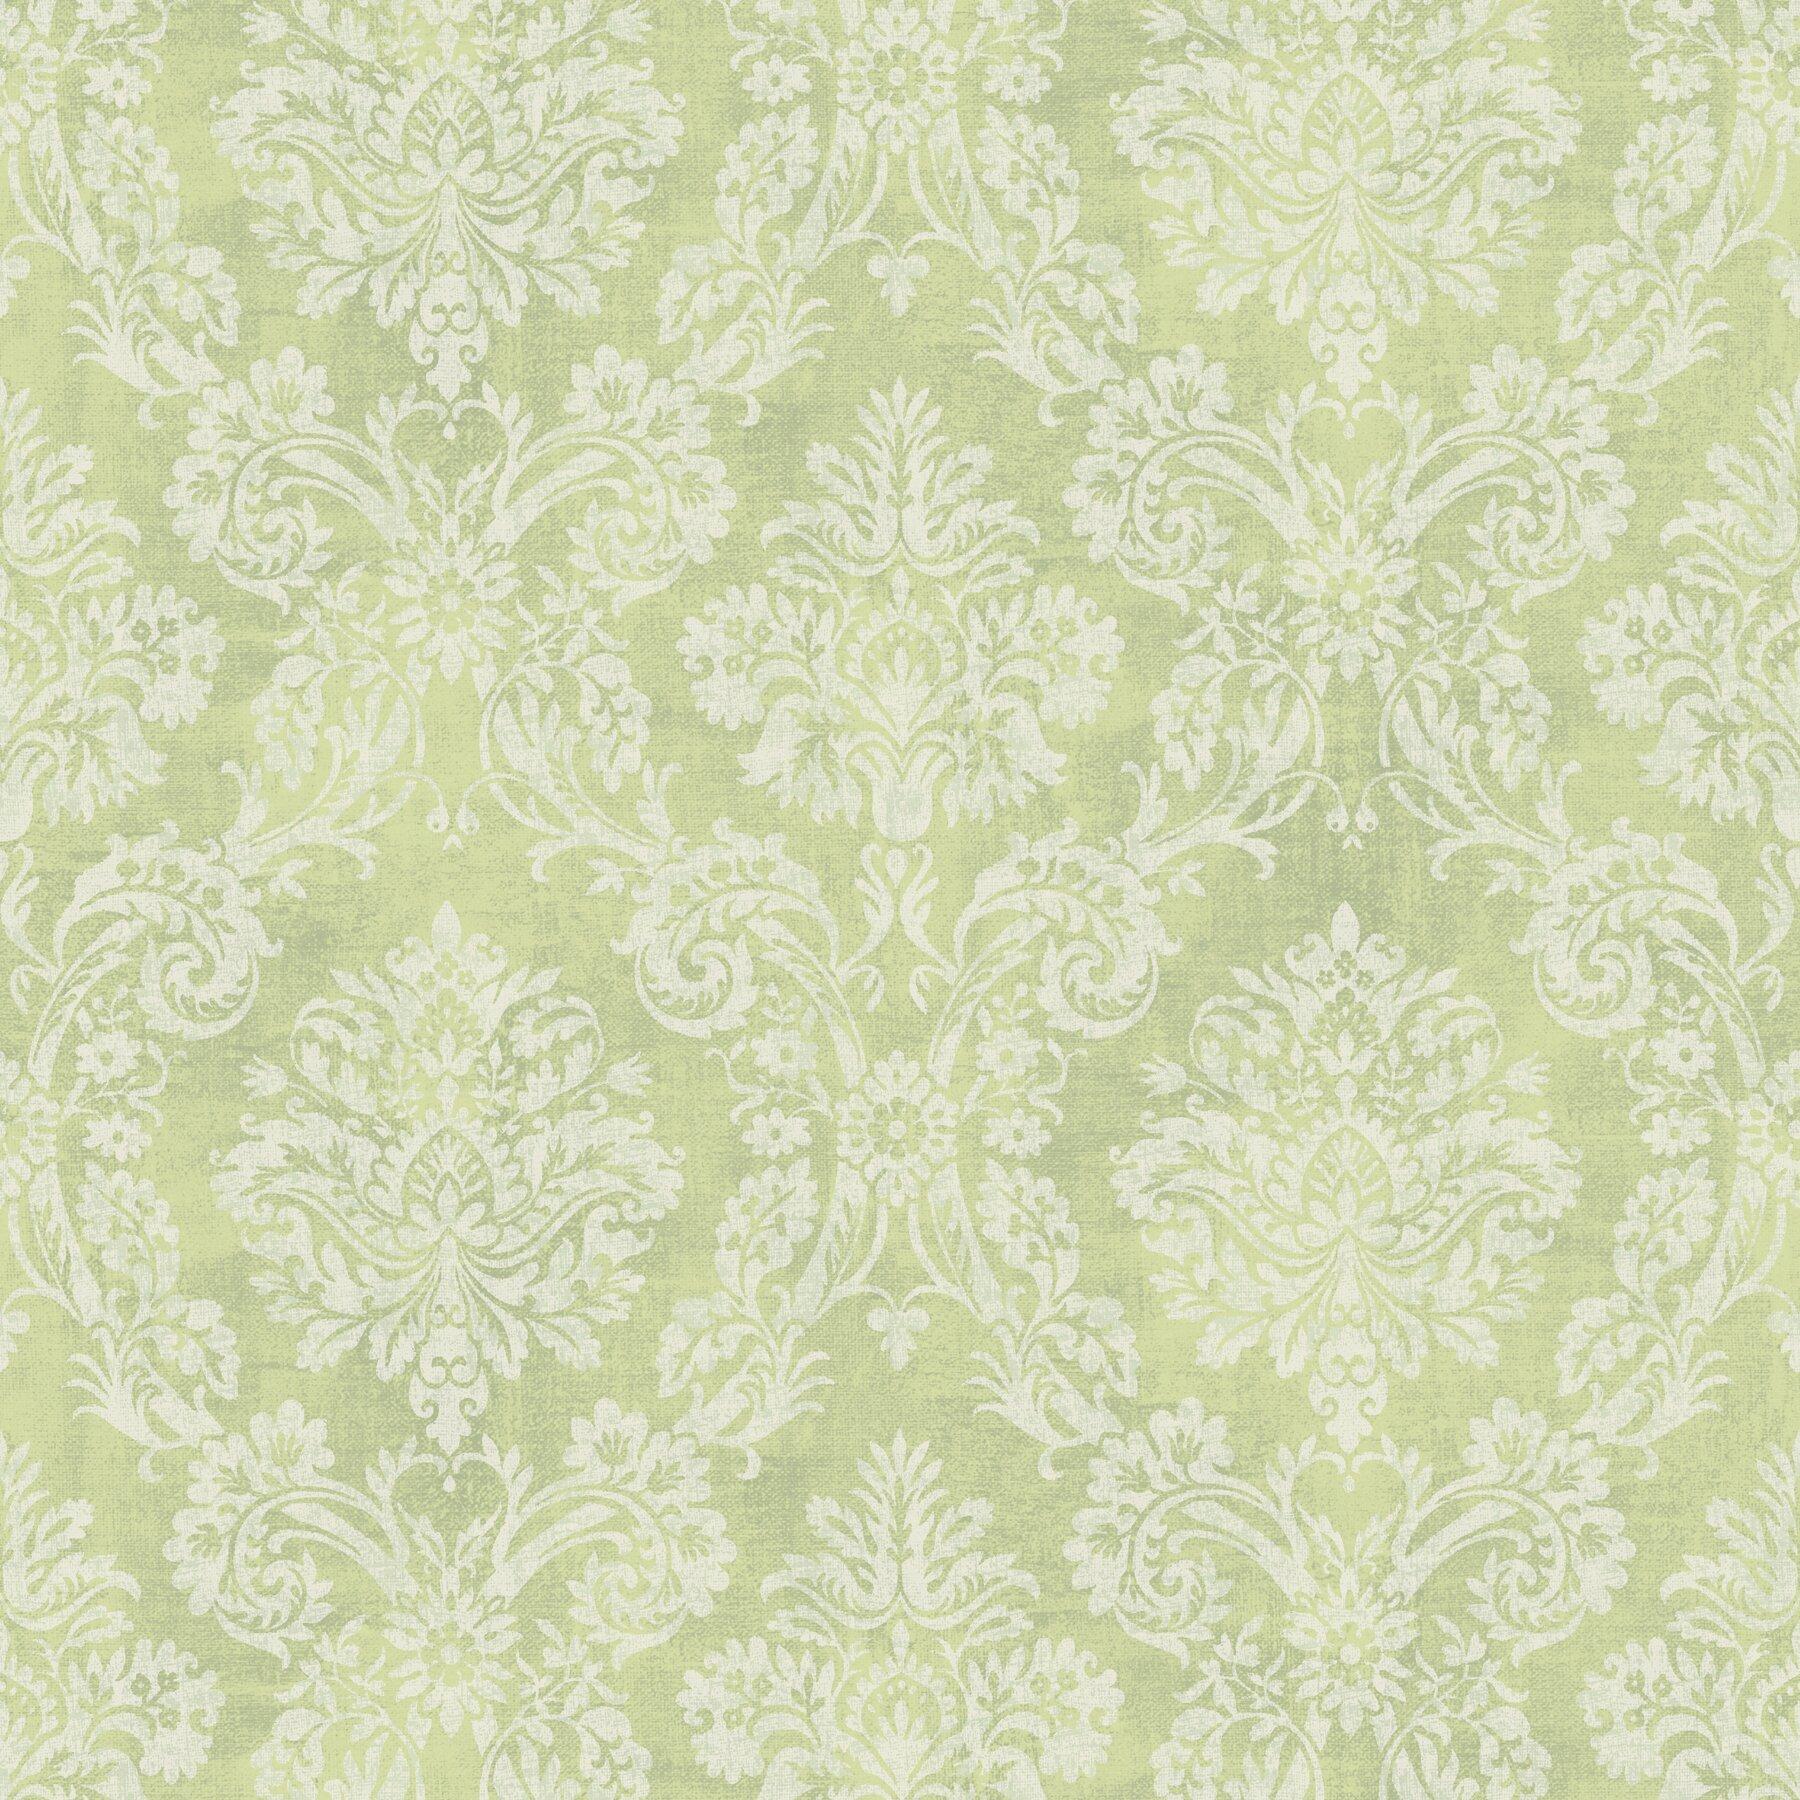 Meadowlark kent garden 33 39 x 20 5 damask 3d embossed for 3d embossed wallpaper